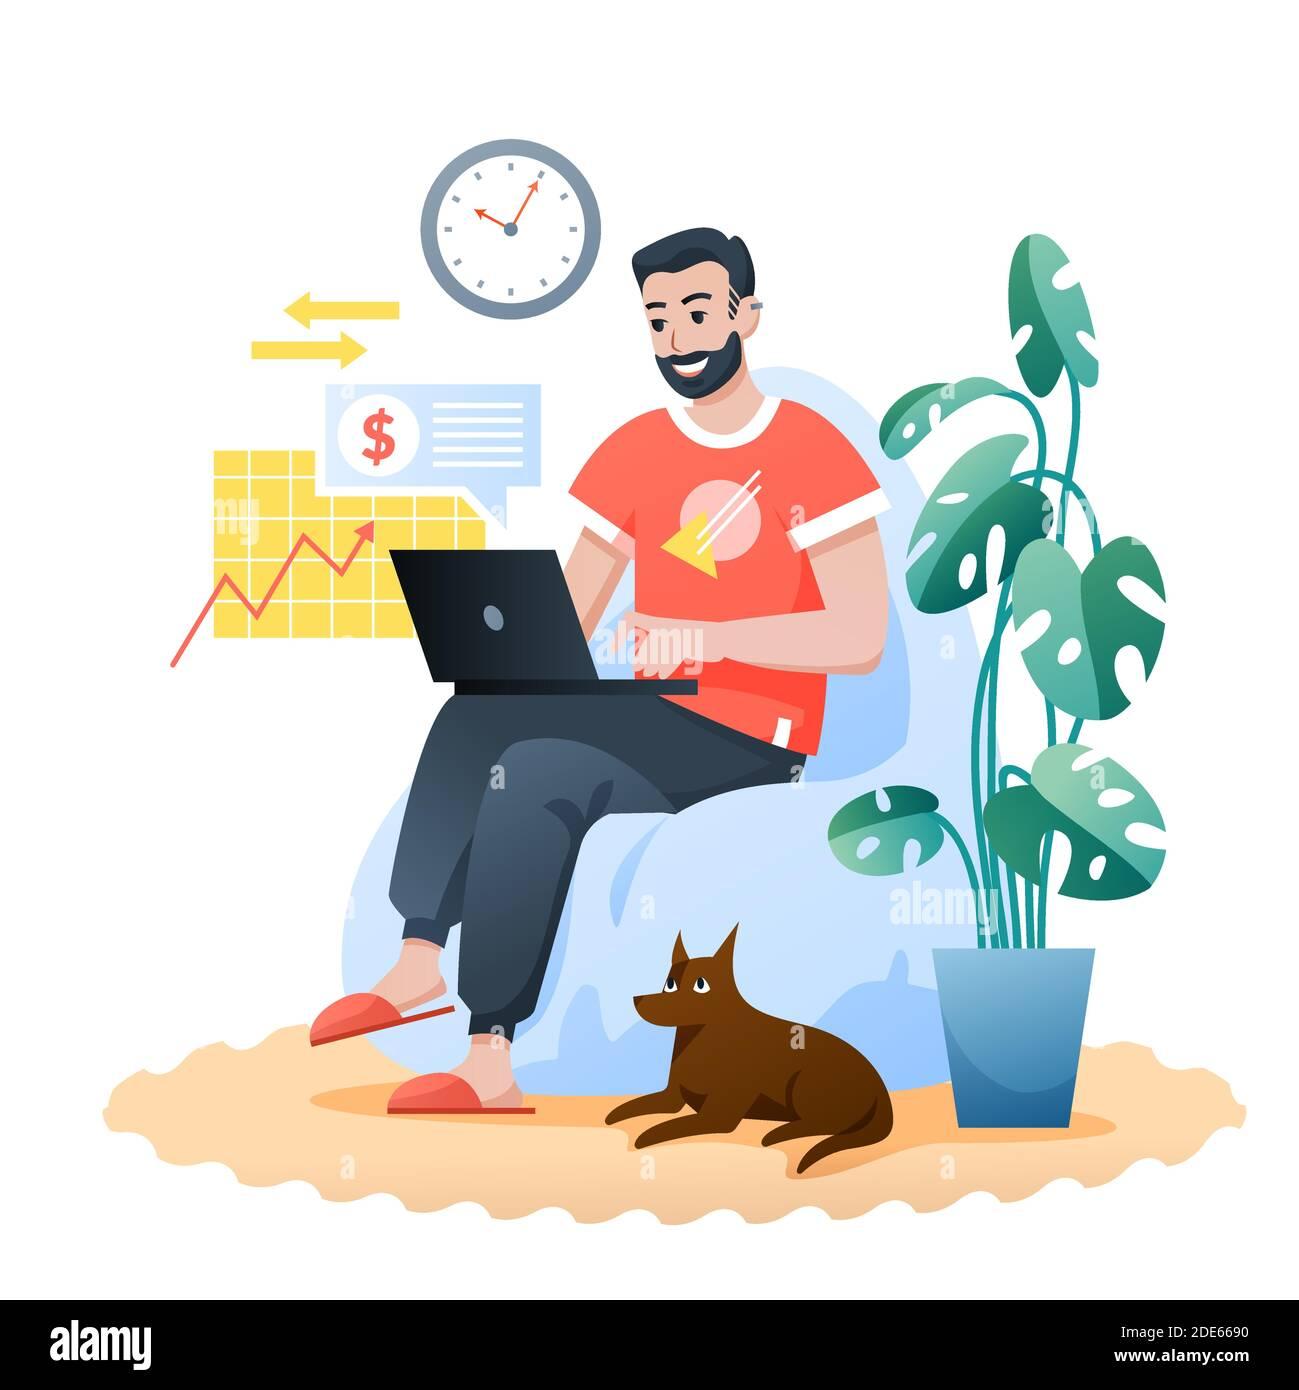 Trabajo en casa independiente plano vector ilustración, dibujos animados osos feliz hipster sentado en el sillón moderno, hombre freelancer carácter de trabajo en casa Ilustración del Vector